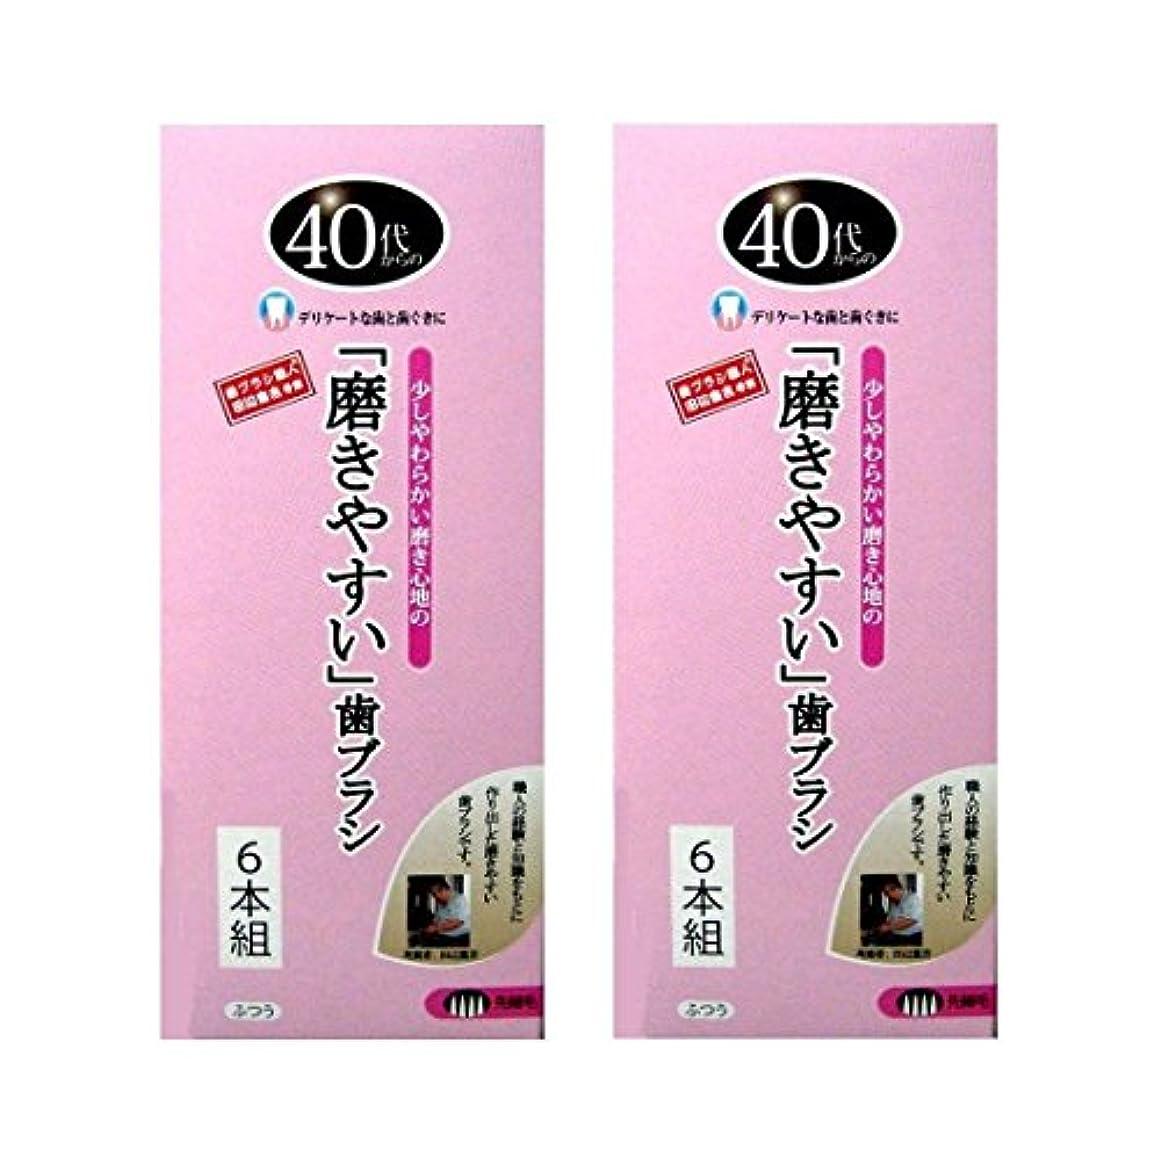 種をまく疑問を超えて昨日歯ブラシ職人 Artooth ® 田辺重吉の磨きやすい 40代からの歯ブラシ 歯ぐきにやさしい 細めの毛 先細毛 日本製 12本セットLT-15-12